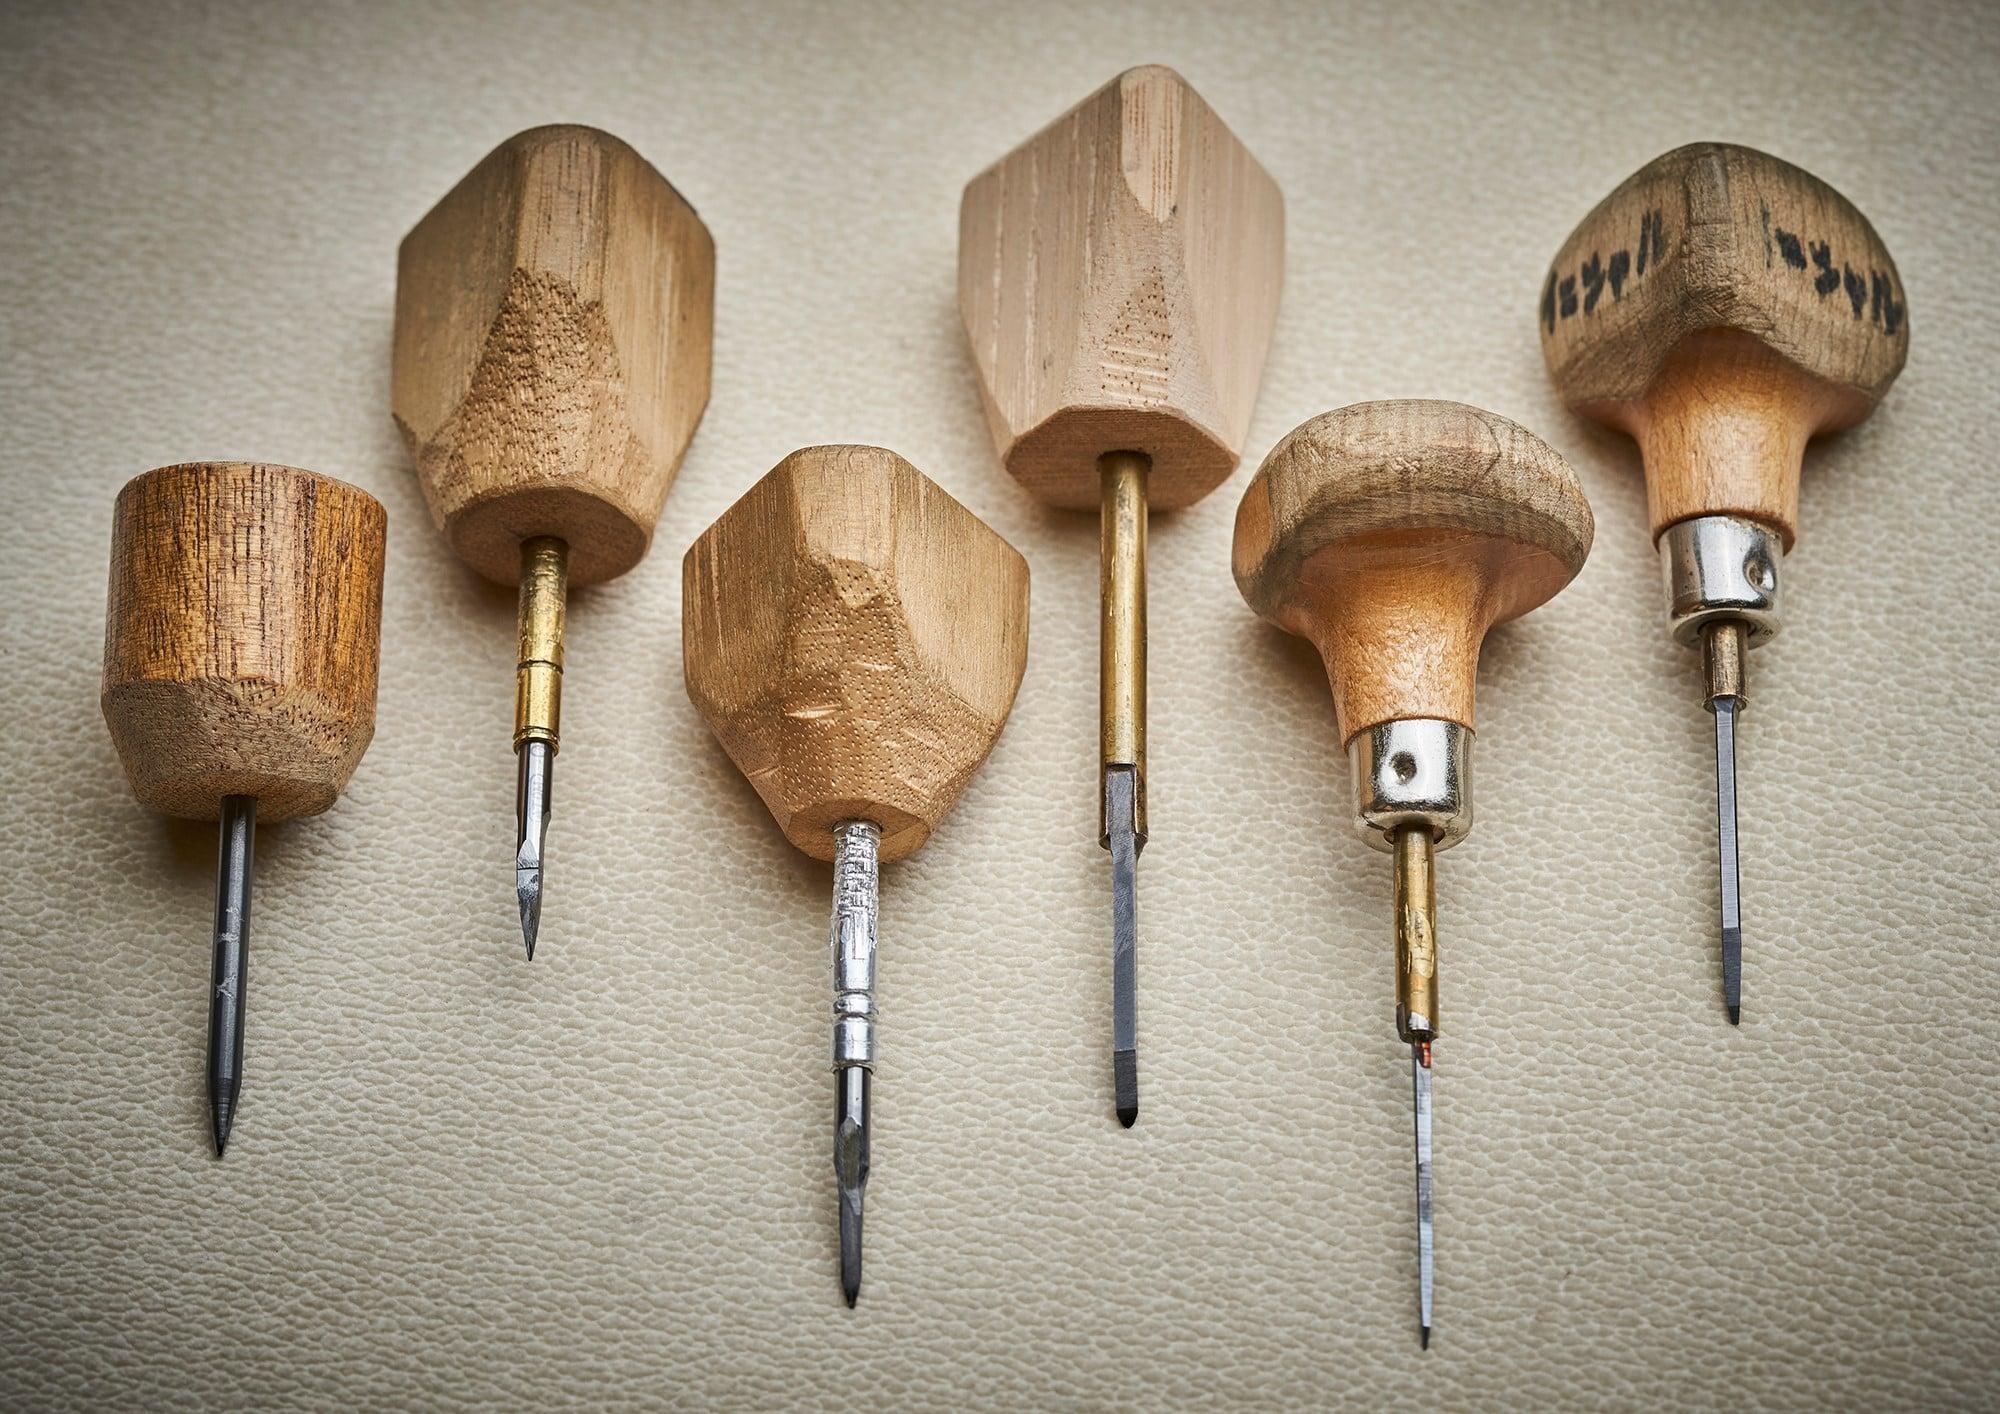 45周年纪念款怀表上的雕金工艺,是通过6把以上被称为车刀的雕刻刀完成的。这些工具的手把和刀刃各有不同,是照井根据作品的需要自己制作完成的。